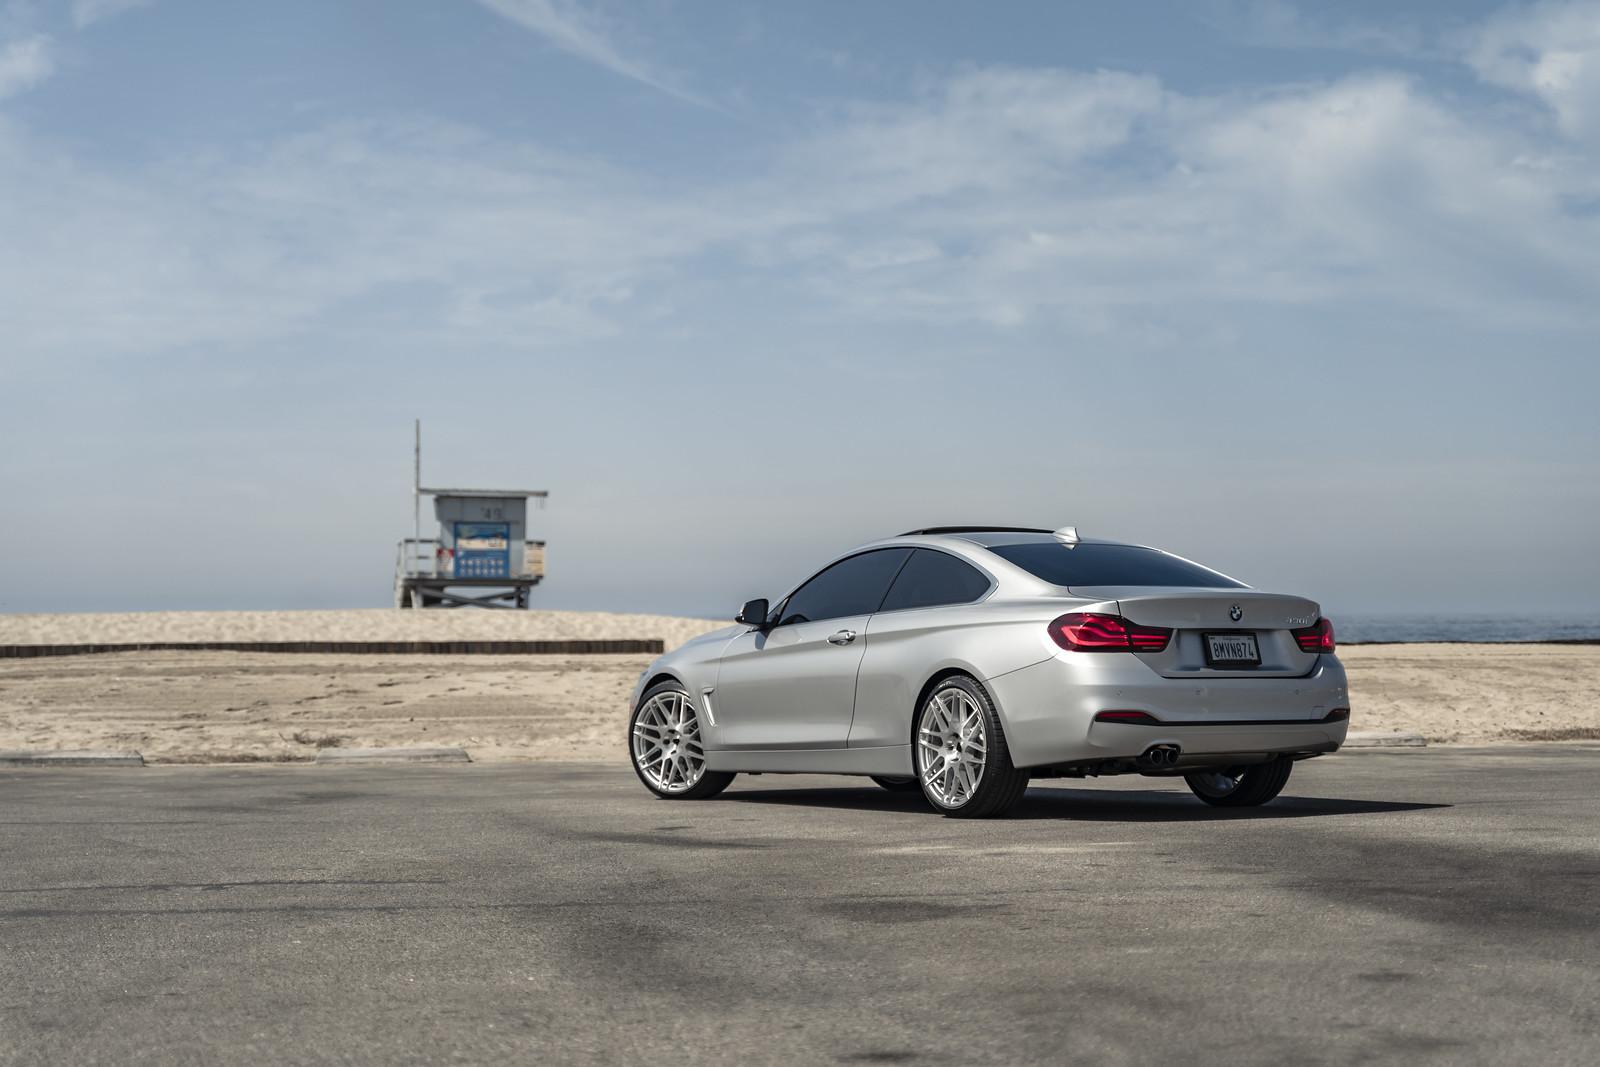 2020_BMW_430i_BDF12_Brushed_Silver_6